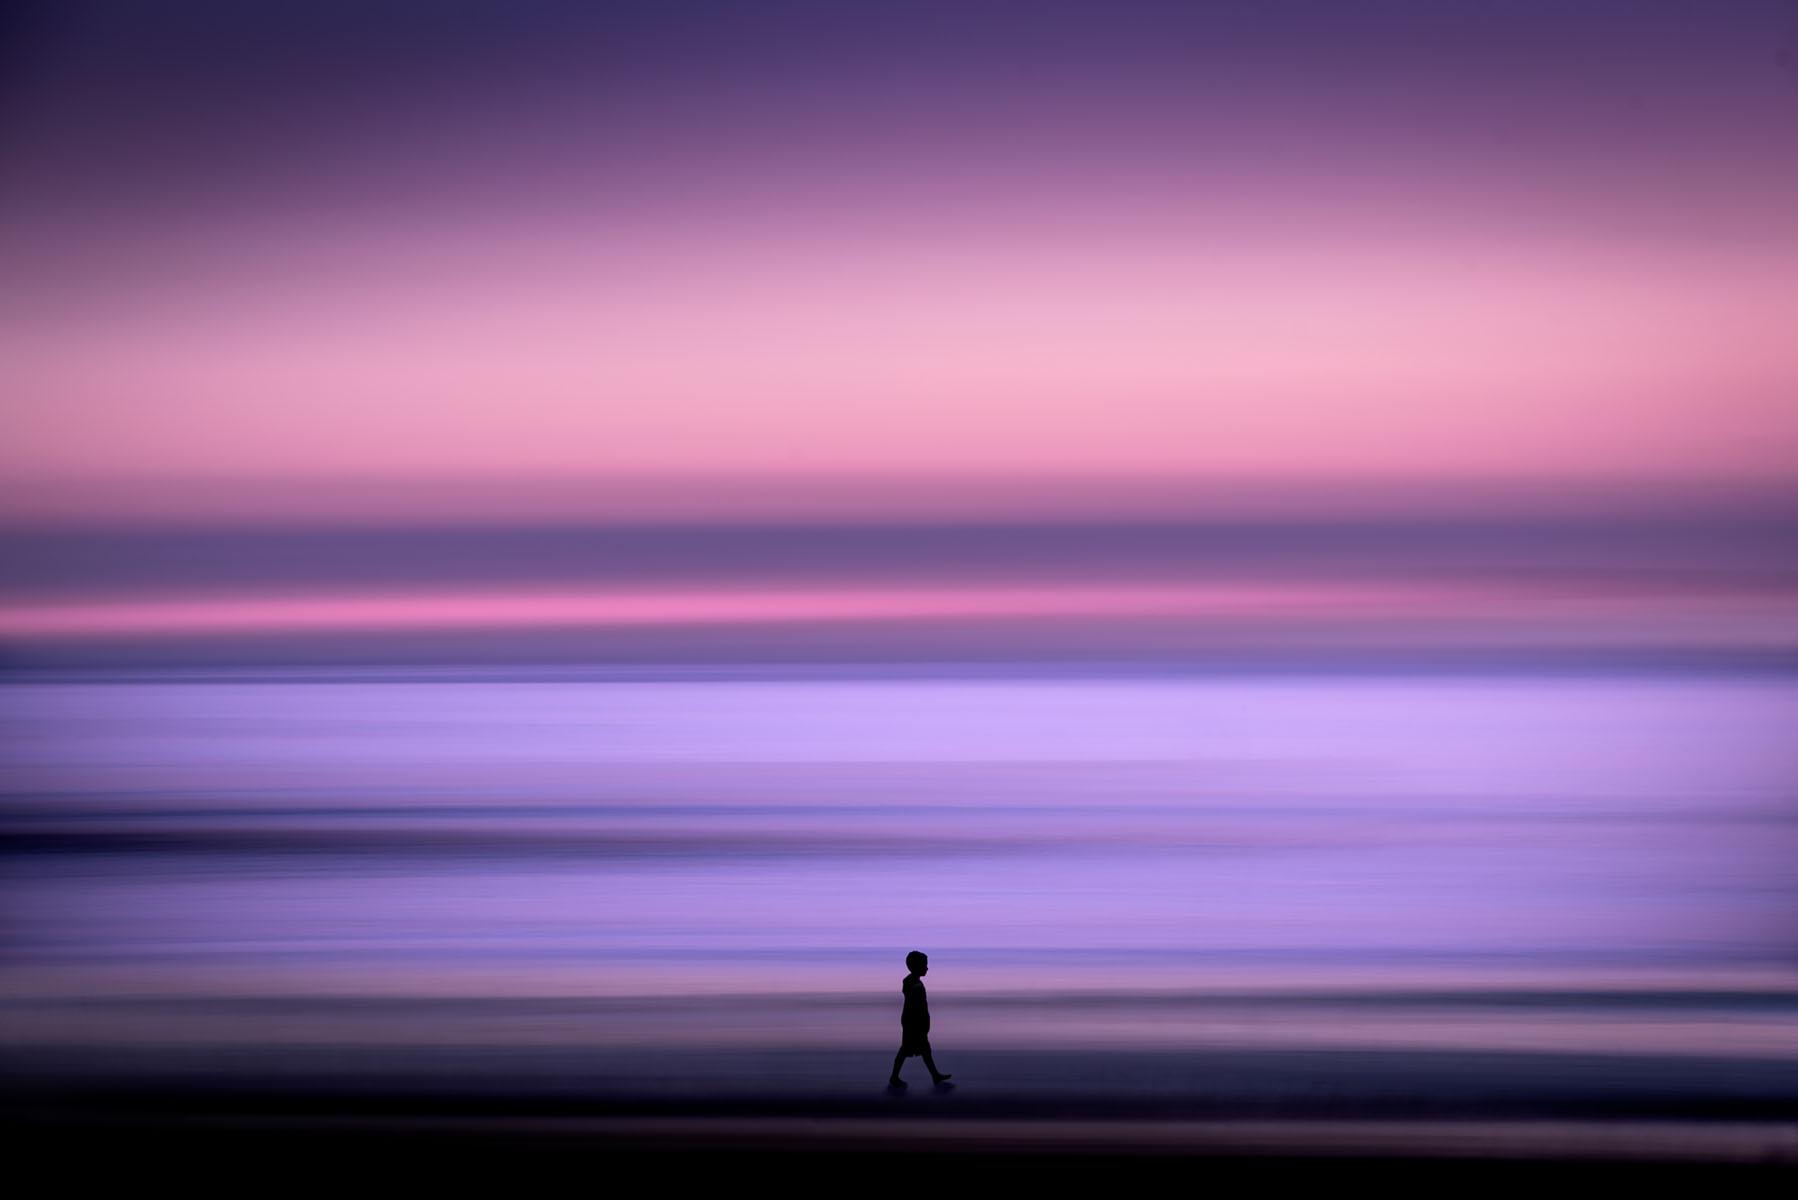 Ramon_Vaquero_the-kid_fotografos_vigo_españa